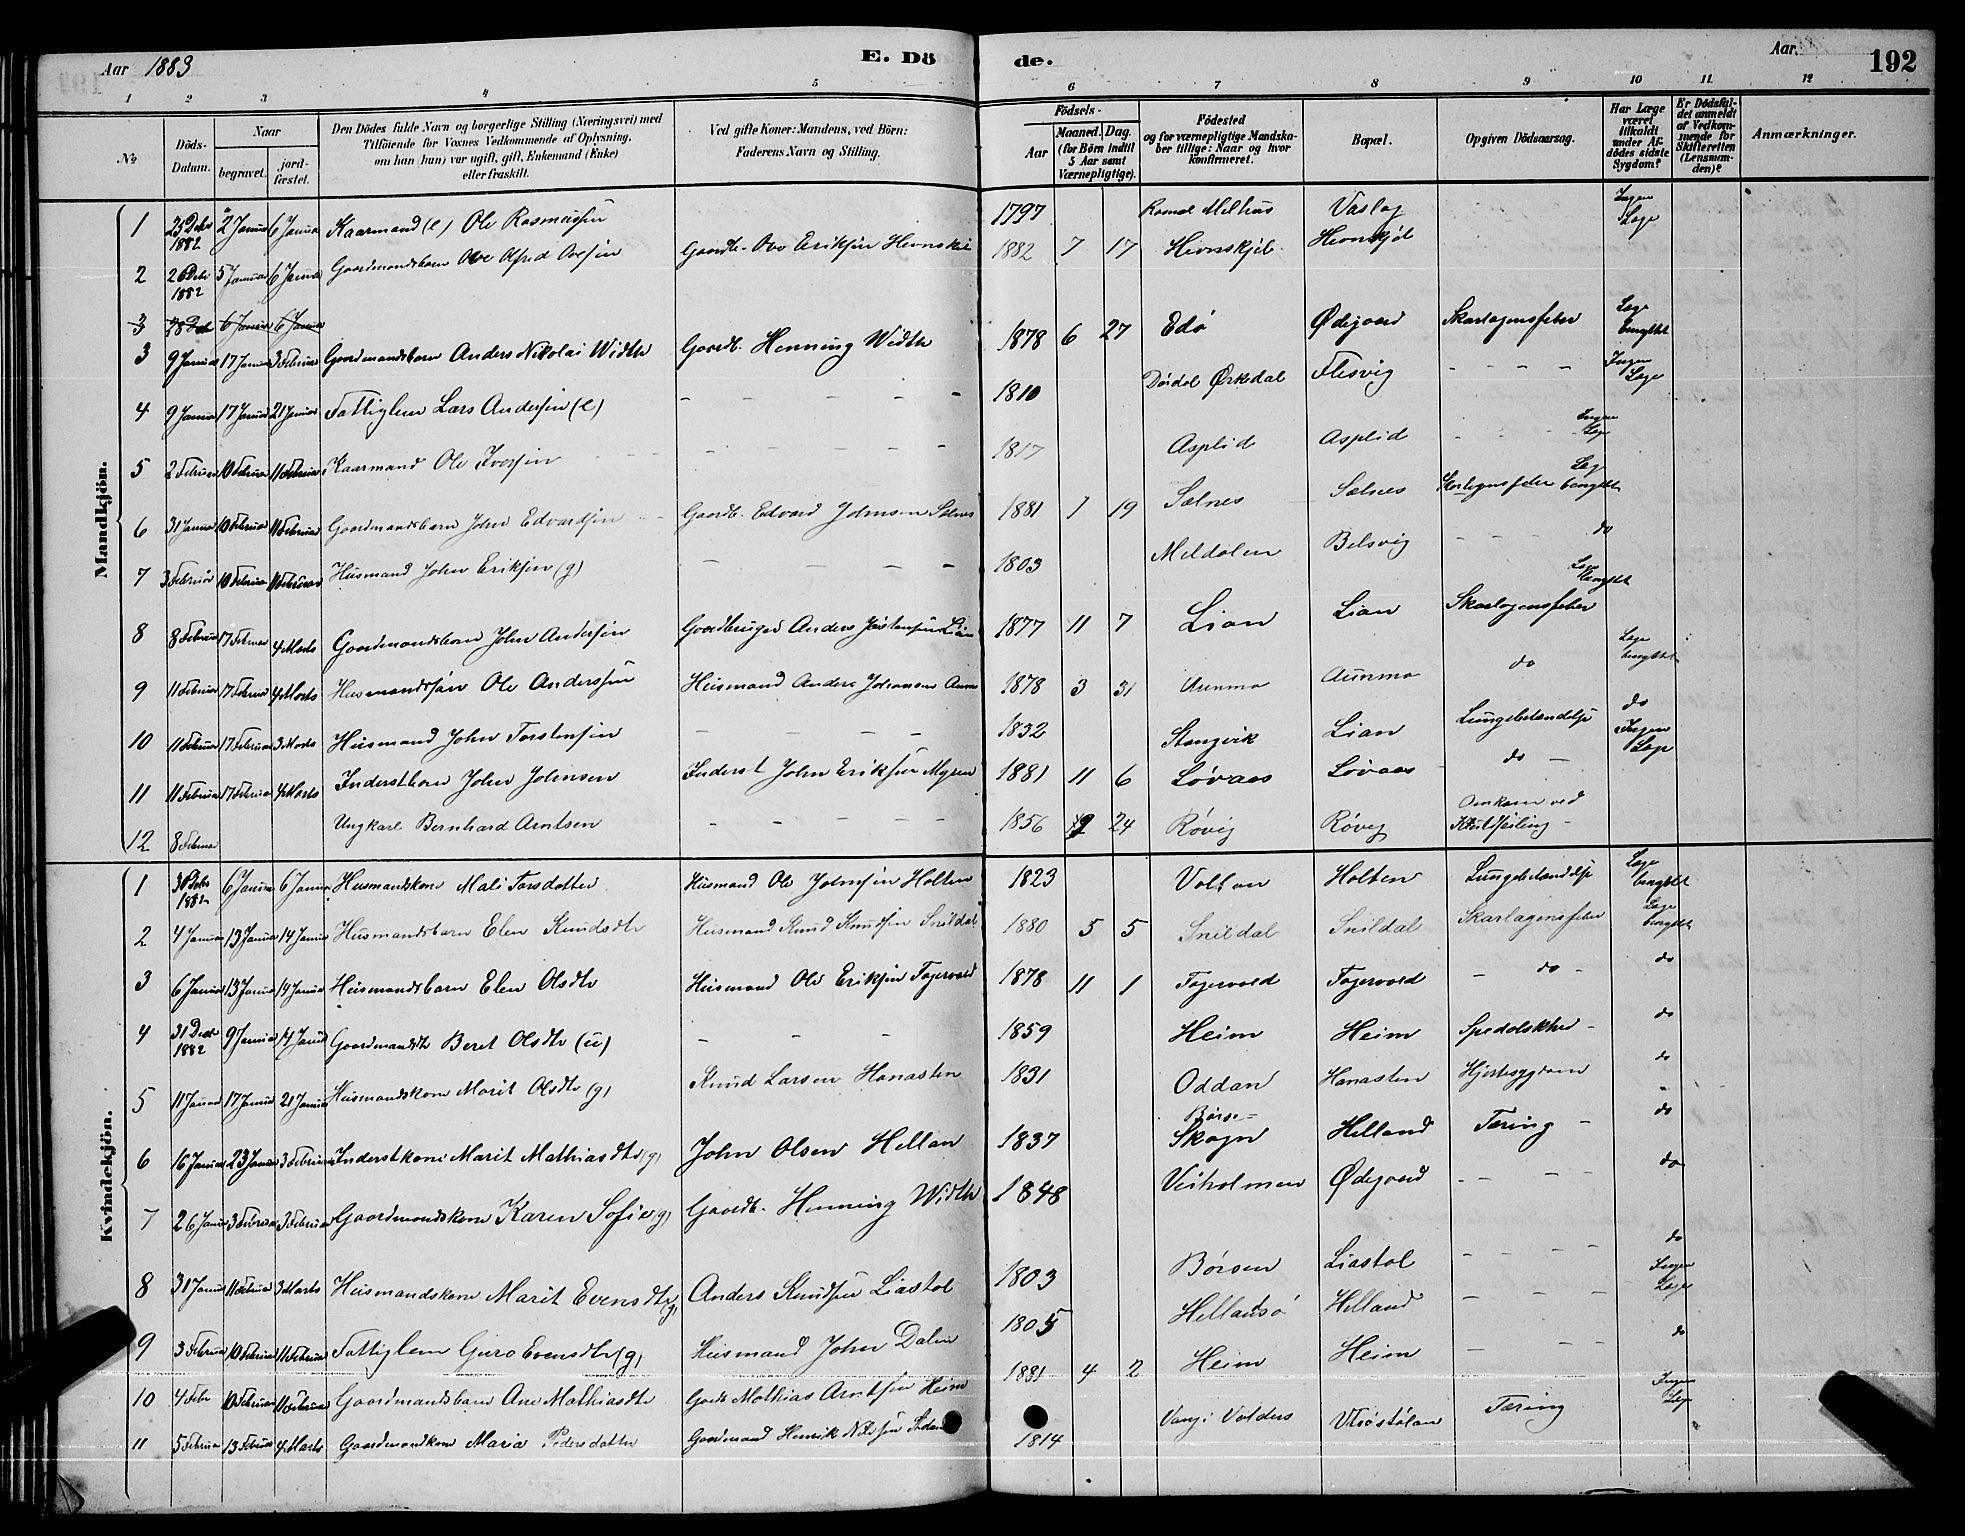 SAT, Ministerialprotokoller, klokkerbøker og fødselsregistre - Sør-Trøndelag, 630/L0504: Klokkerbok nr. 630C02, 1879-1898, s. 192